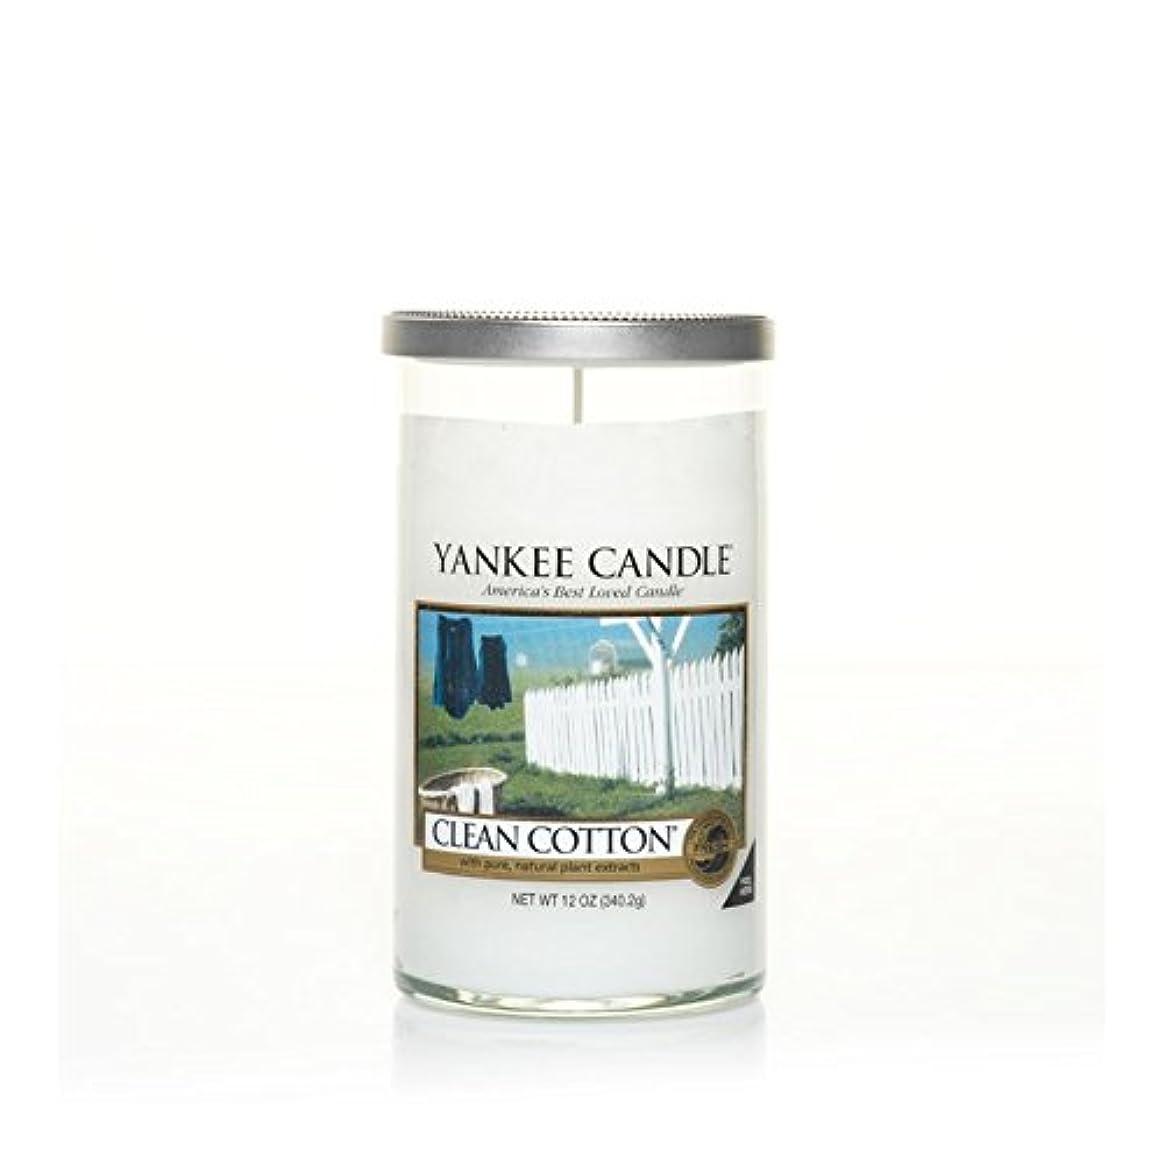 広告する極貧応援するYankee Candles Medium Pillar Candle - Clean Cotton (Pack of 2) - ヤンキーキャンドルメディアピラーキャンドル - きれいな綿 (x2) [並行輸入品]